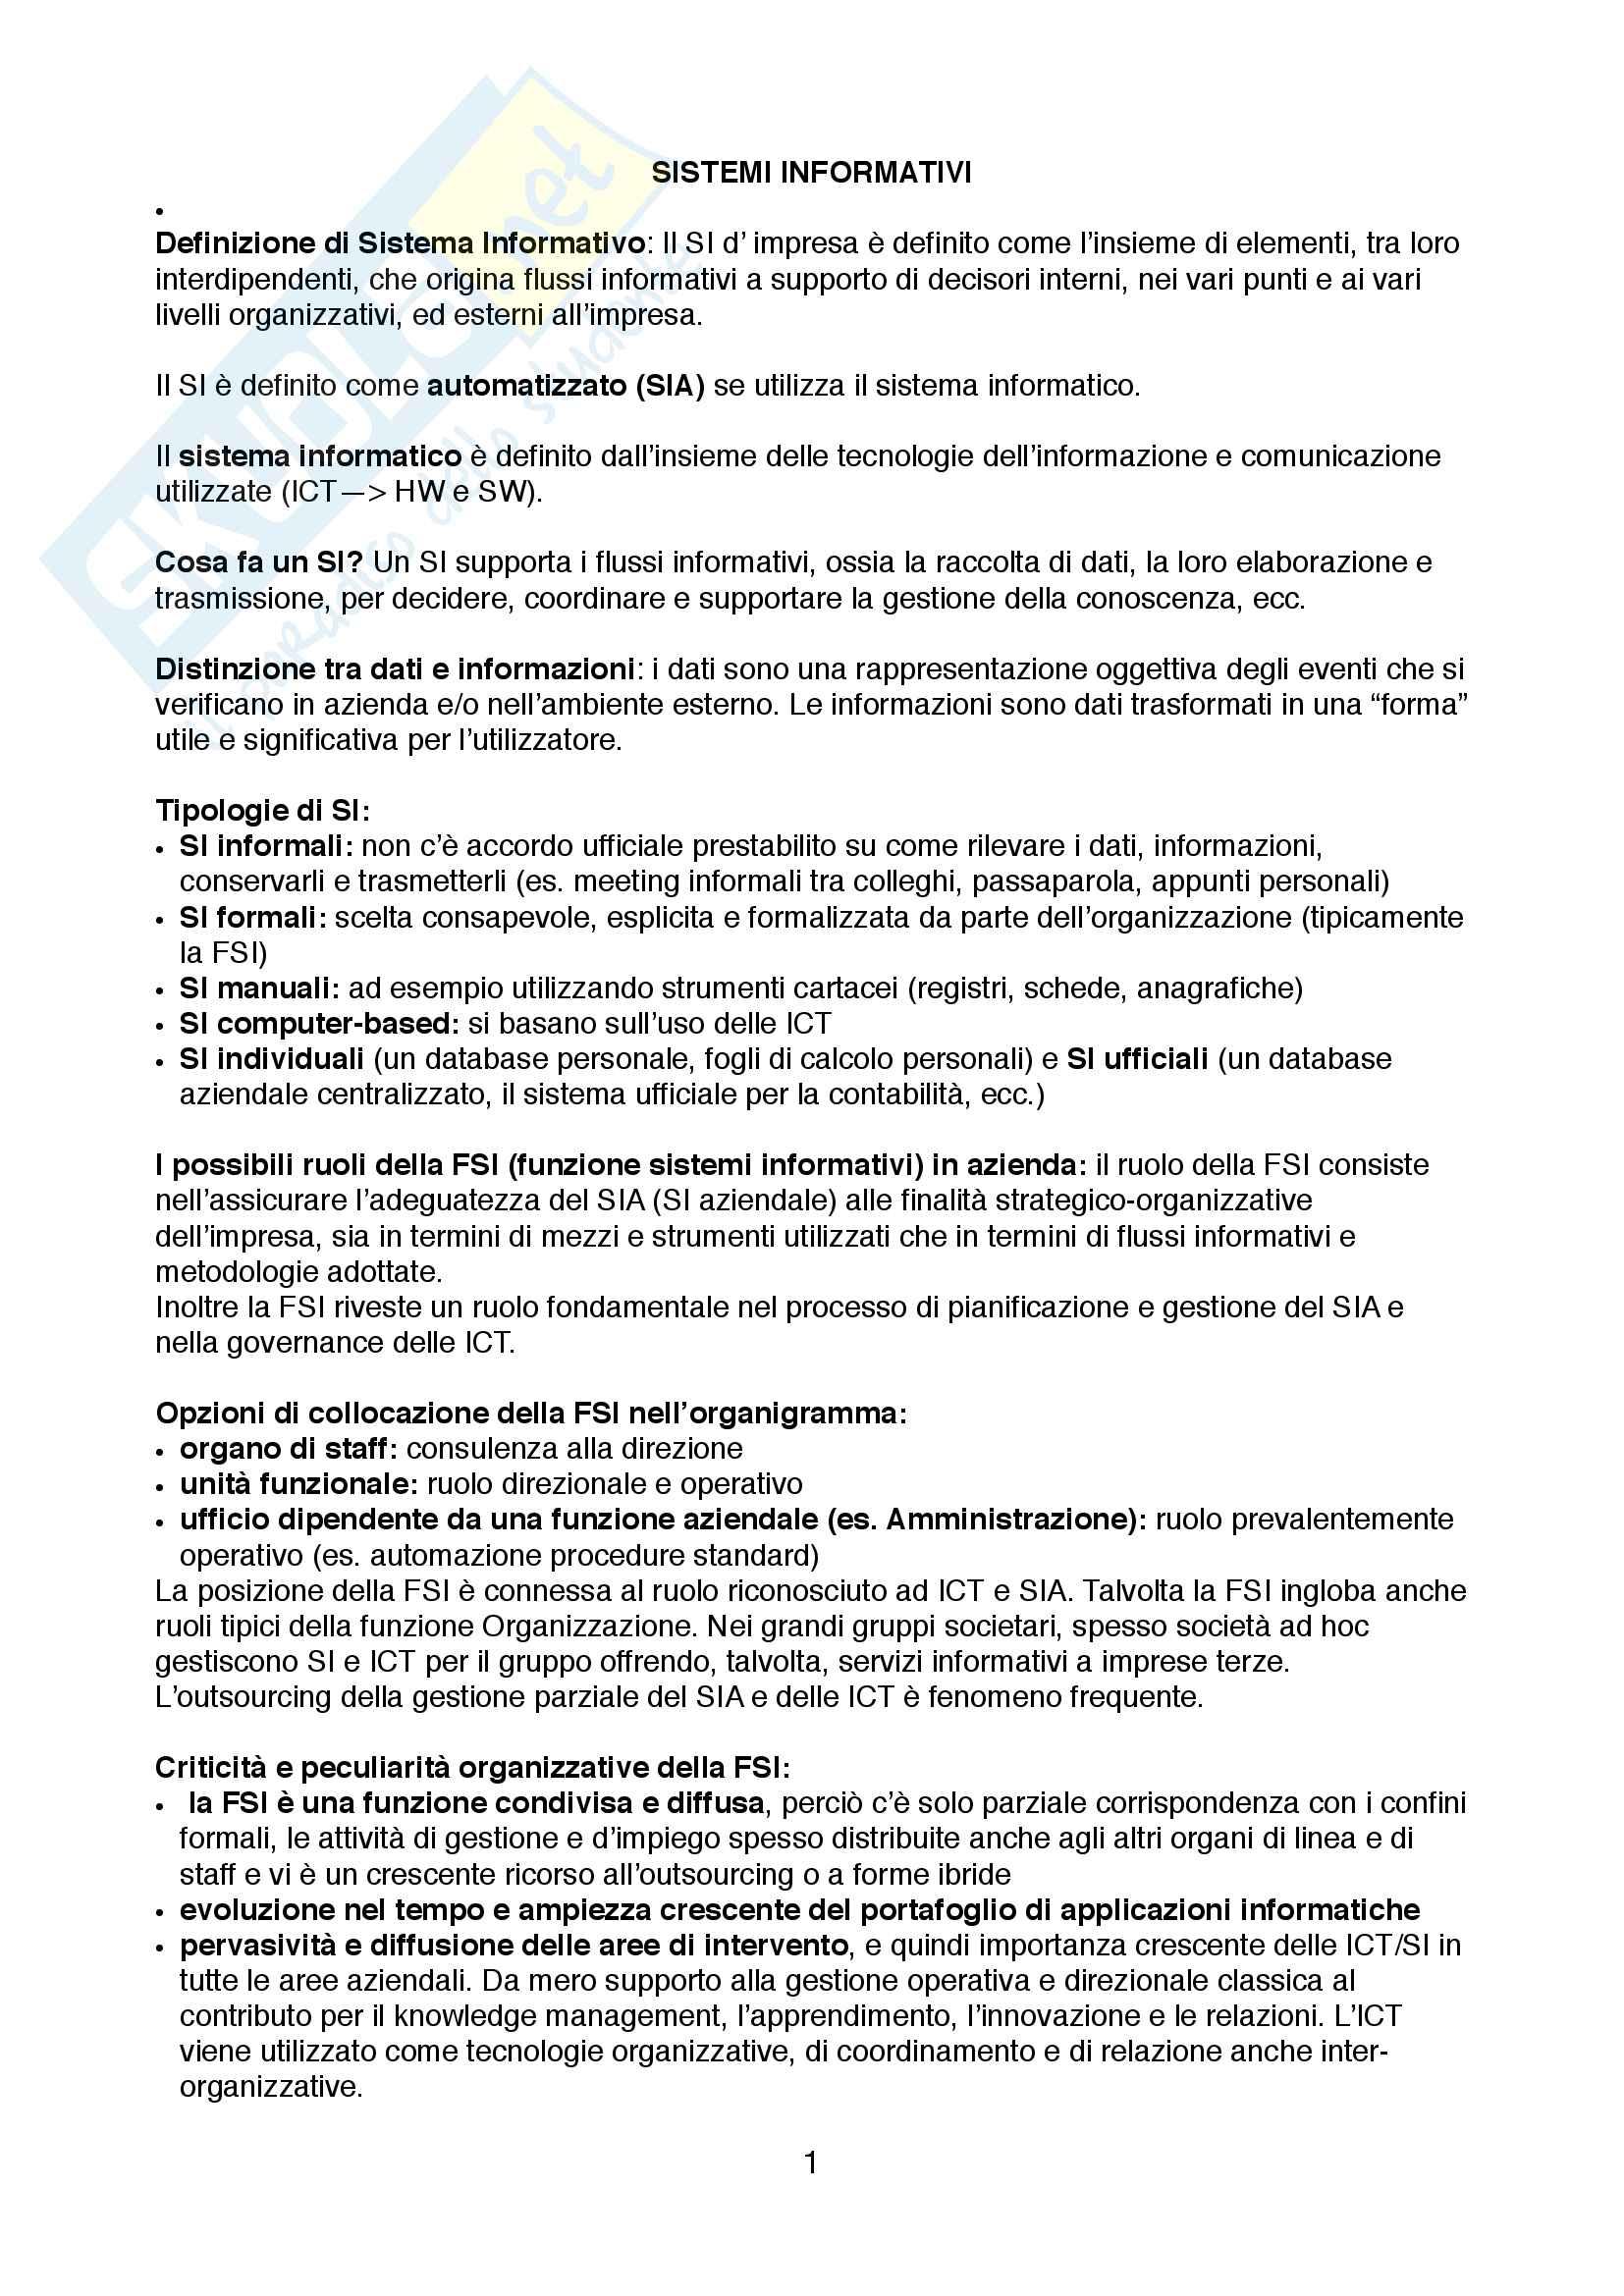 Appunti di Organizzazione dei sistemi informativi aziendali, I sistemi informativi nell'organizzazione d'impresa